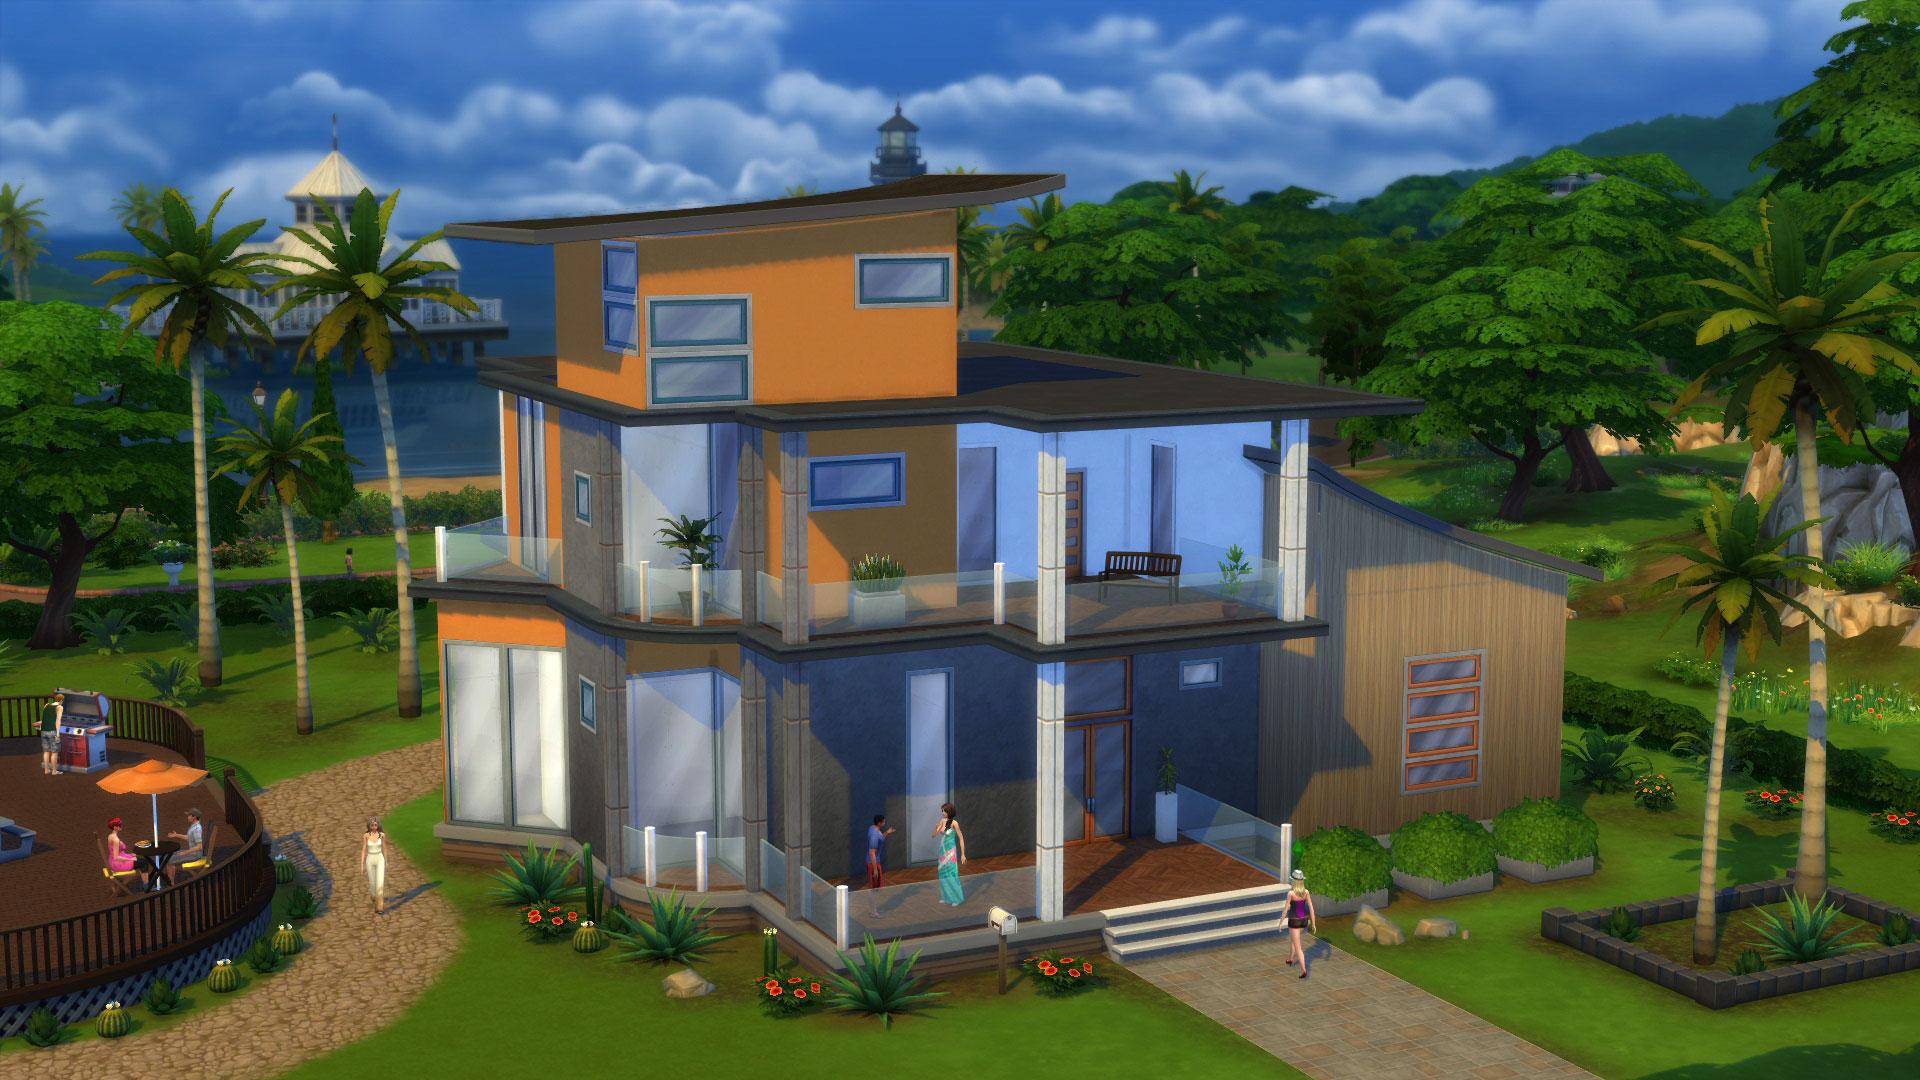 Homes View Original